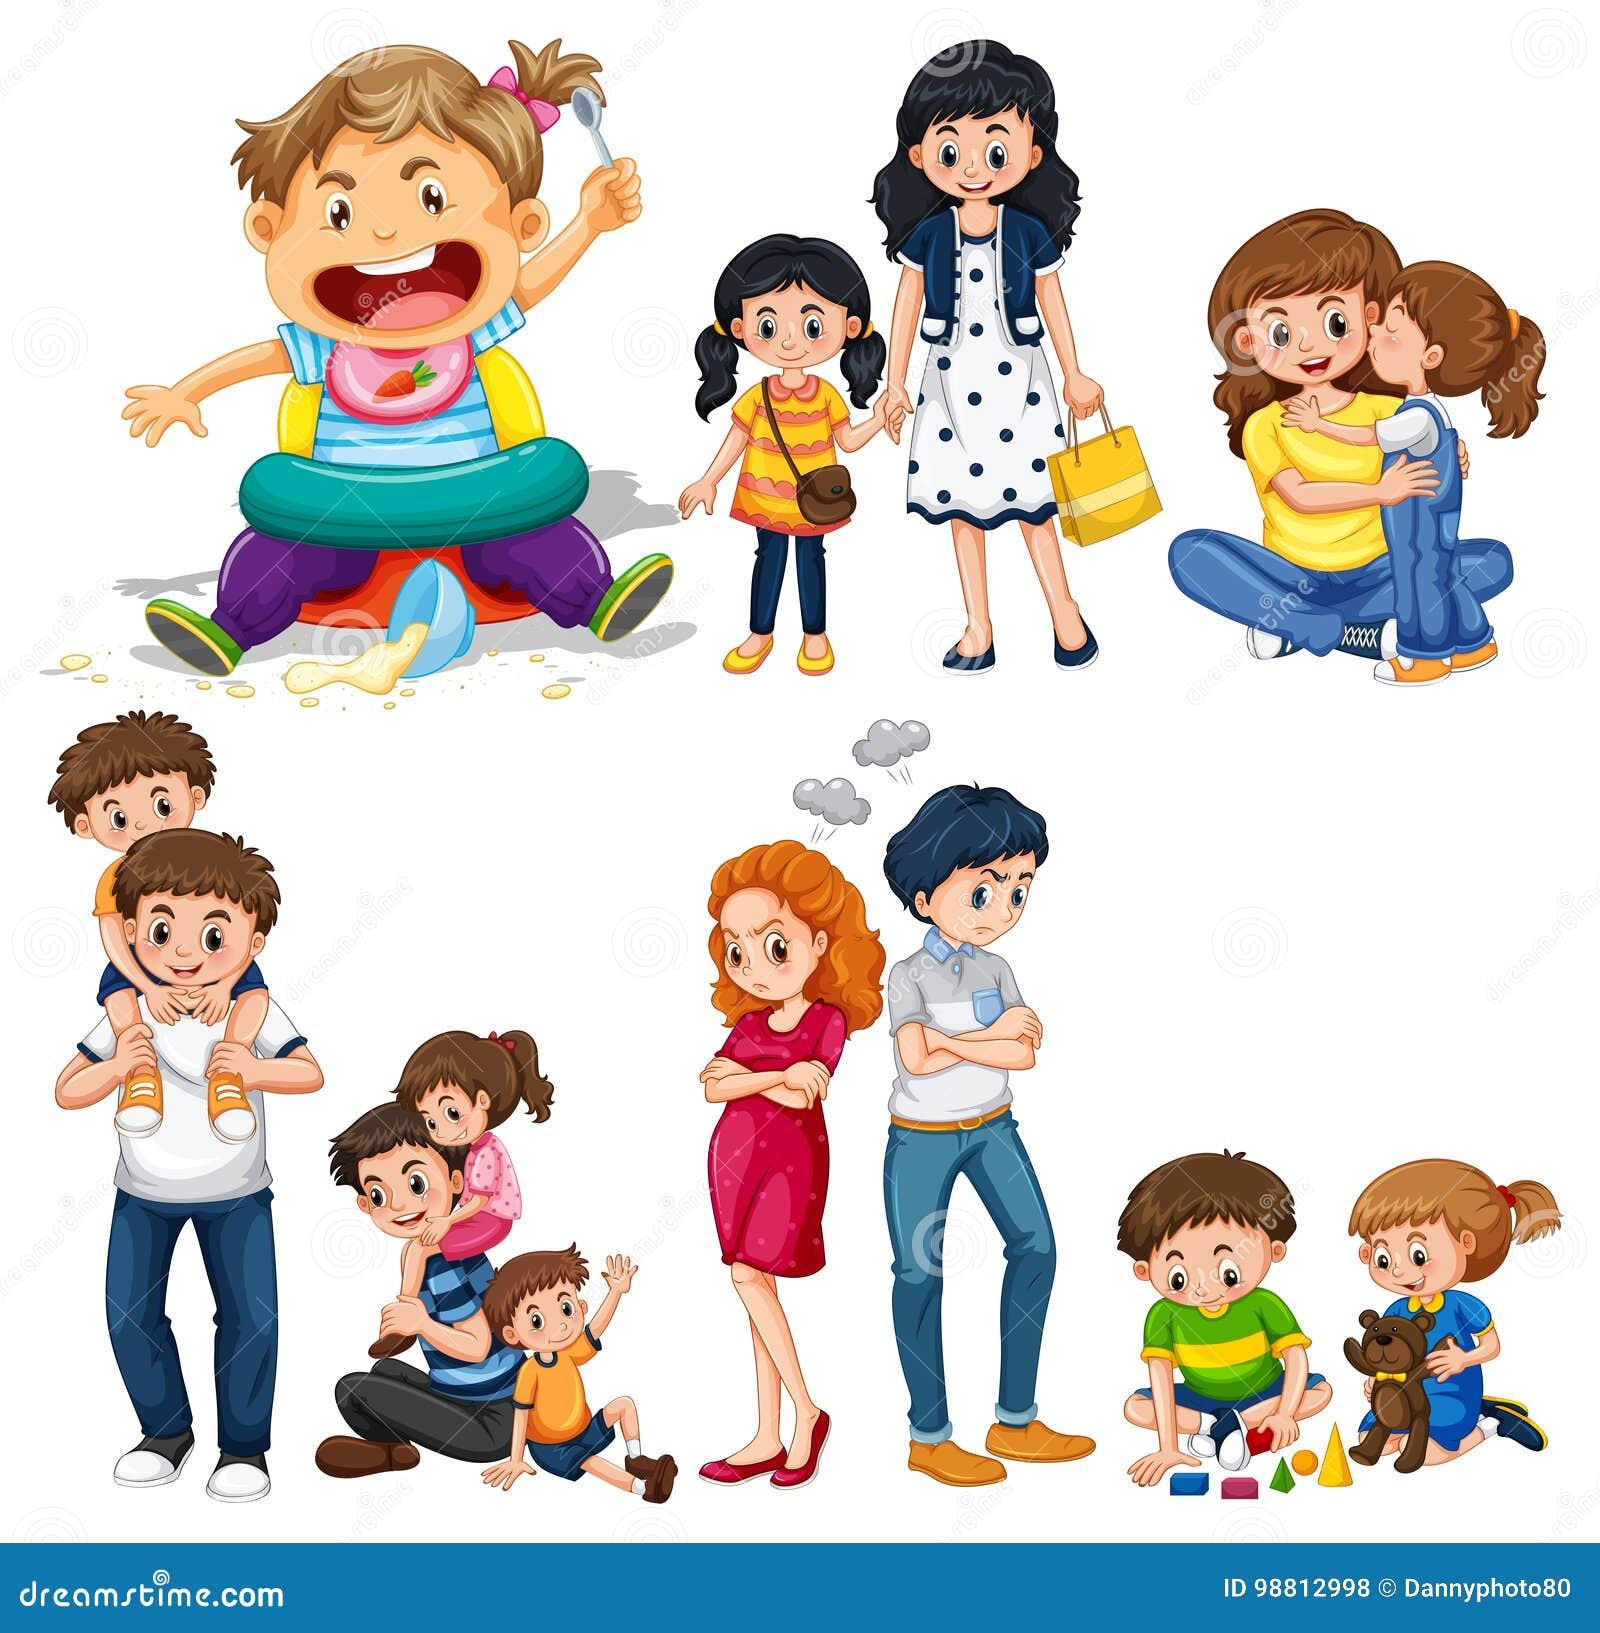 Подольск можно ли подтвердить гражданство ребенку в чужом регионе